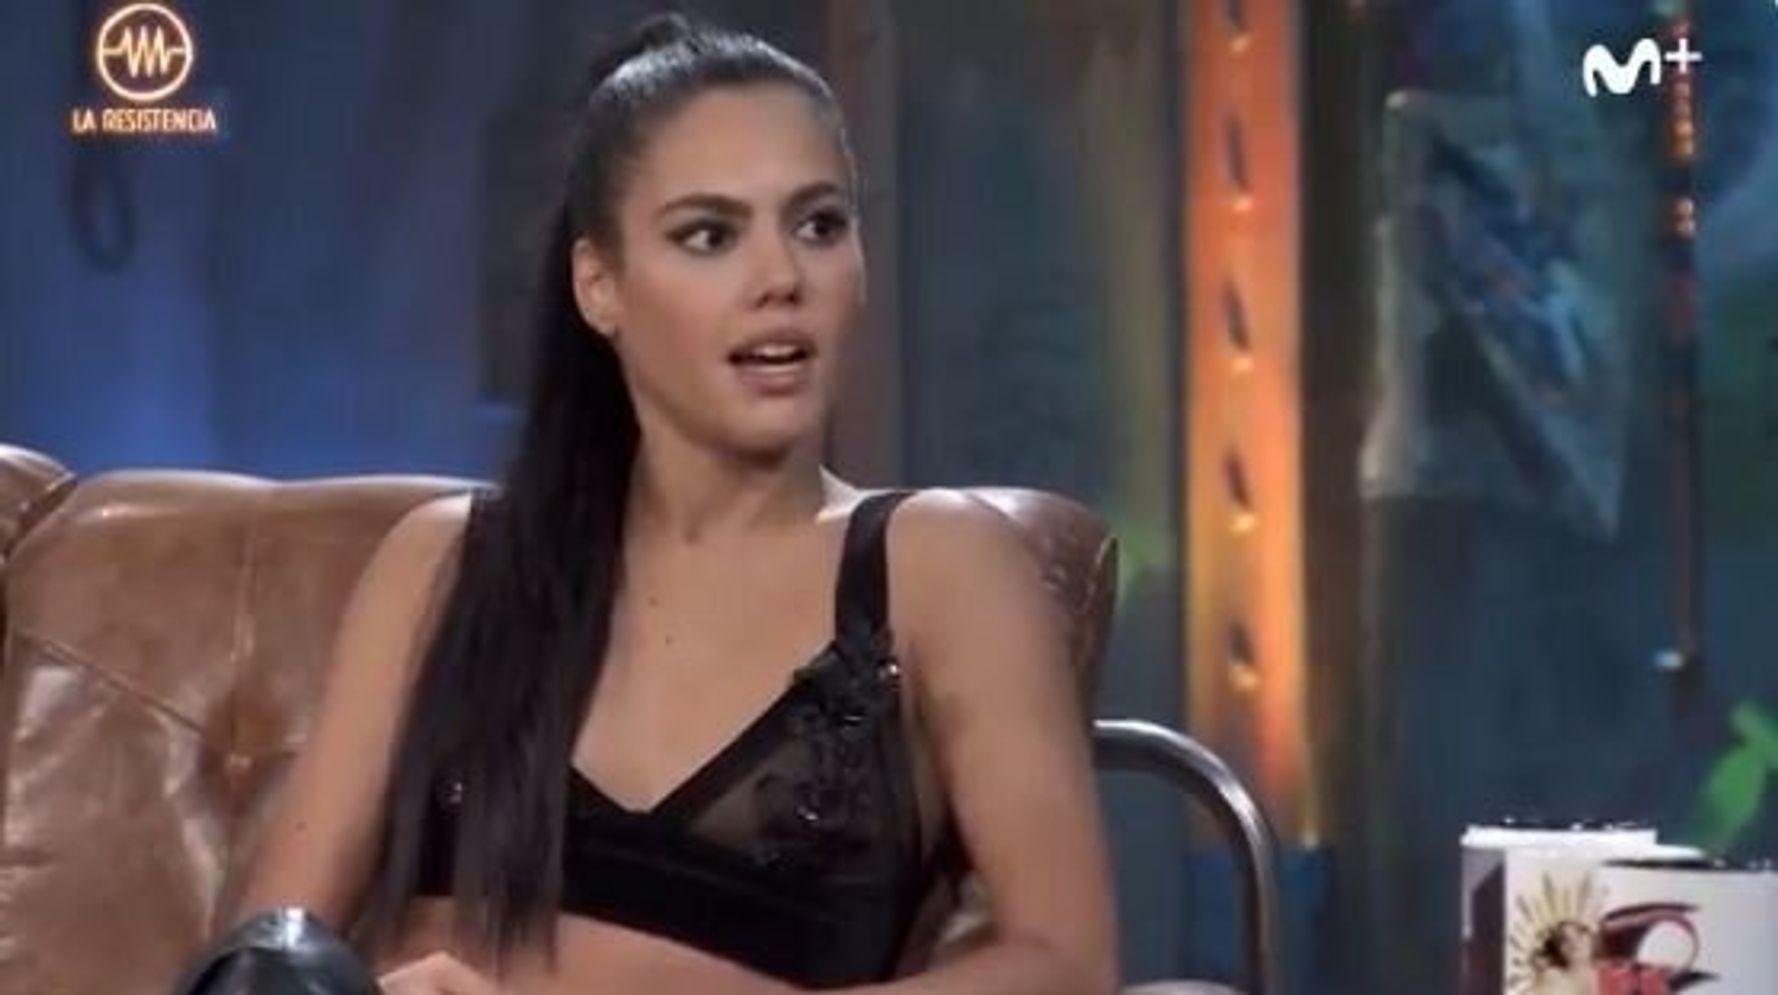 Noticias actrices porno españolas La Actriz Porno Espanola Apolonia Lapiedra Anuncia Su Retirada El Huffpost